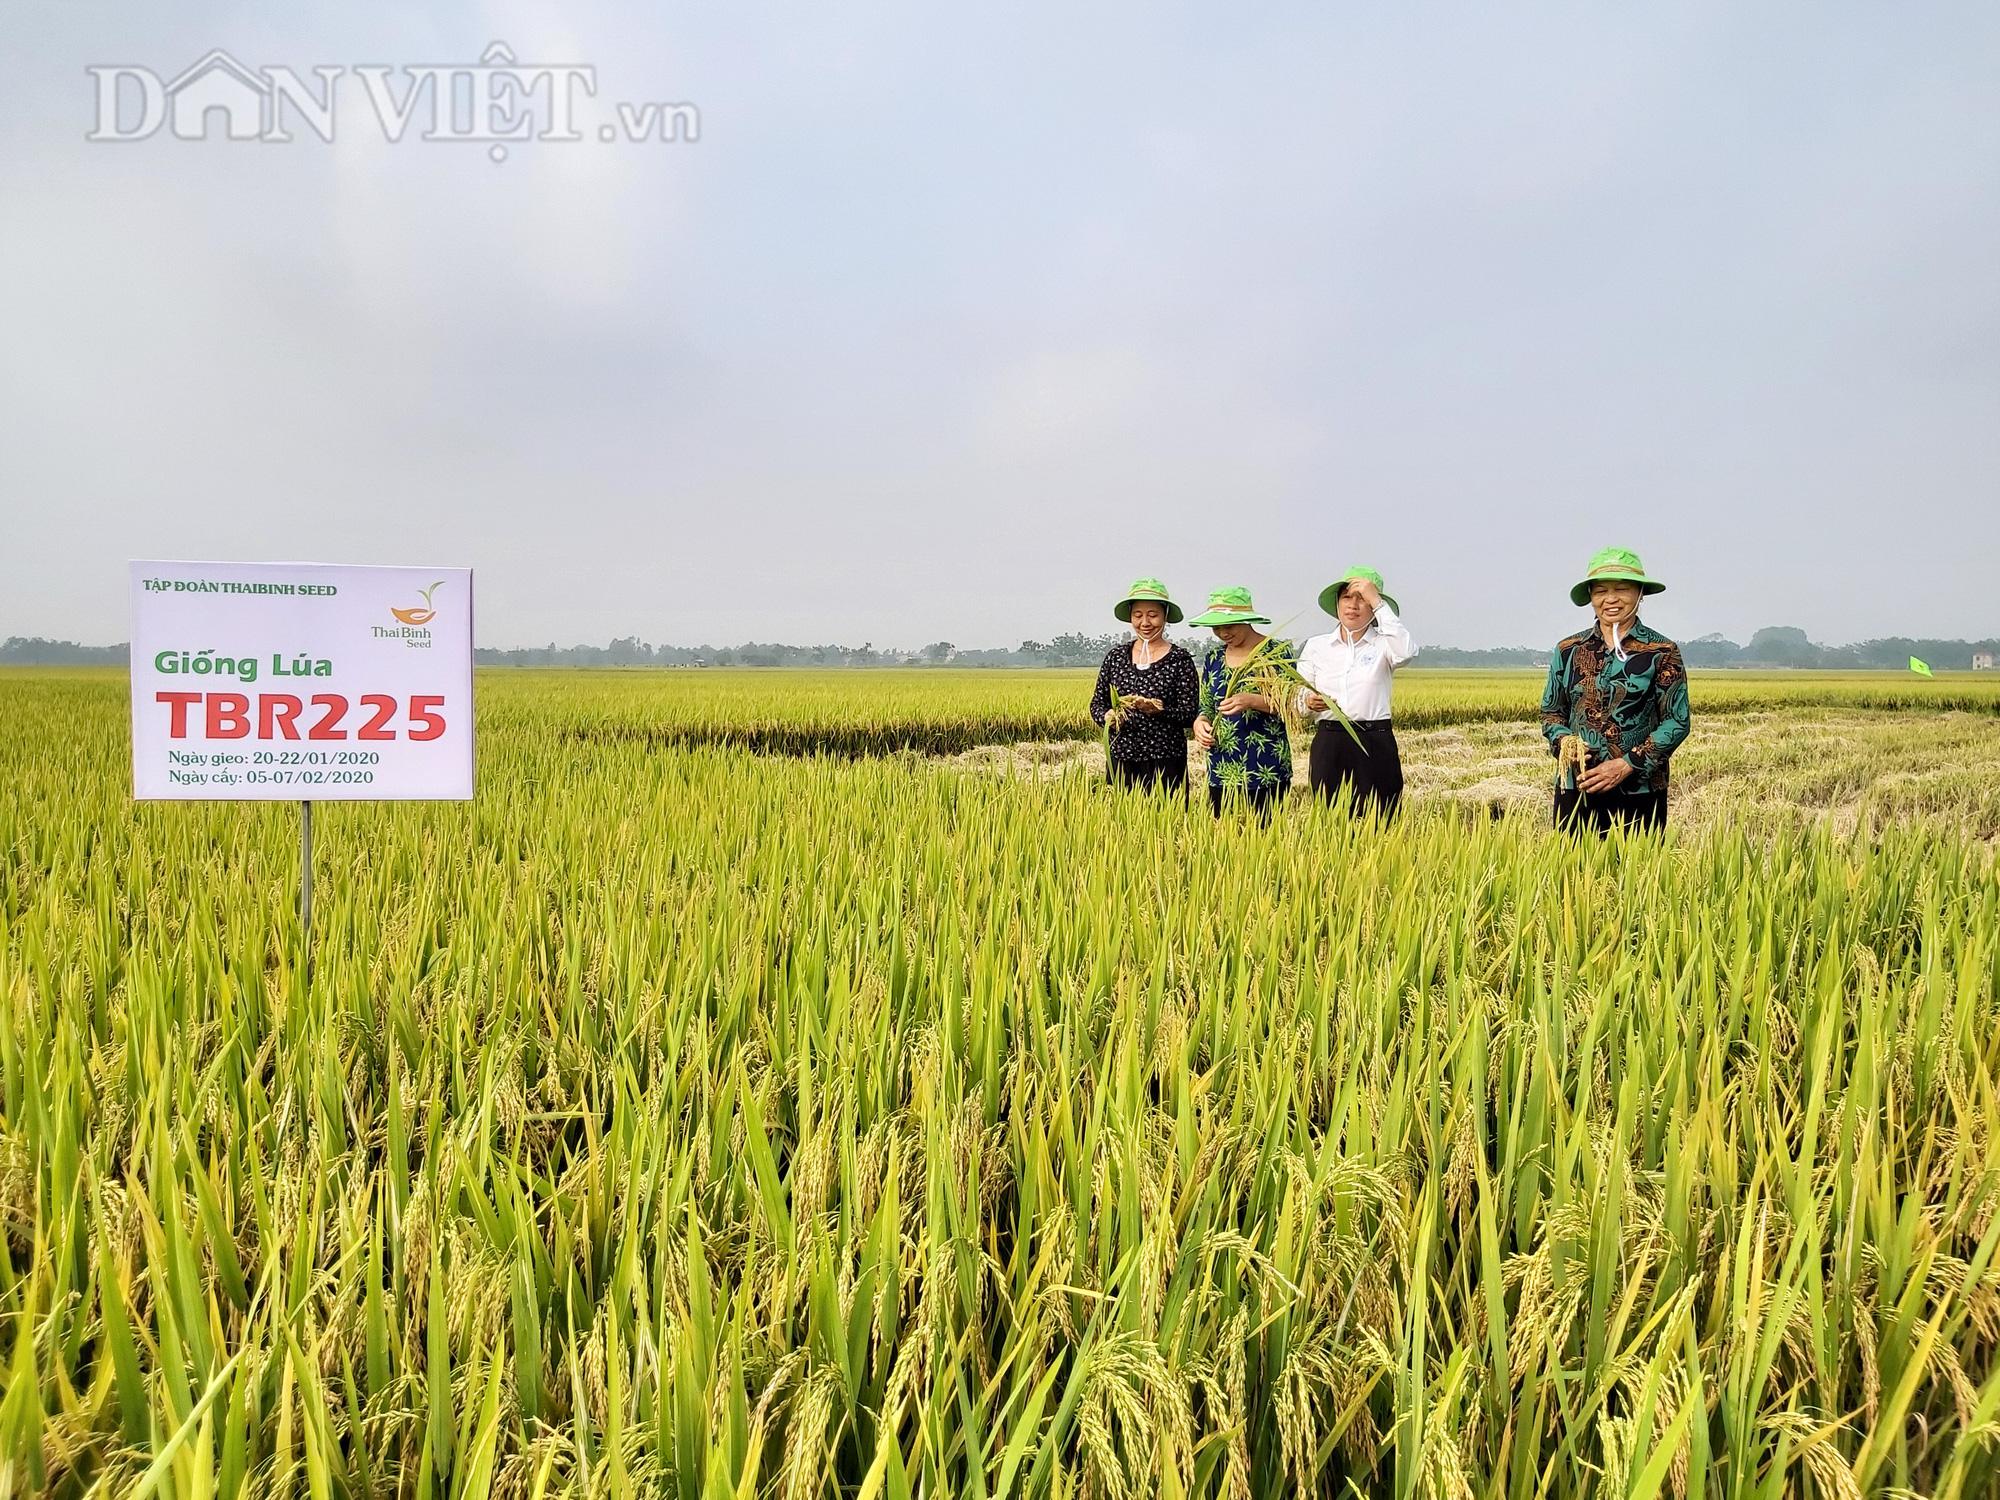 Gặp thời tiết bất thuận, lúa TBR225 vẫn cho mùa bội thu tại Vĩnh Phúc - Ảnh 2.